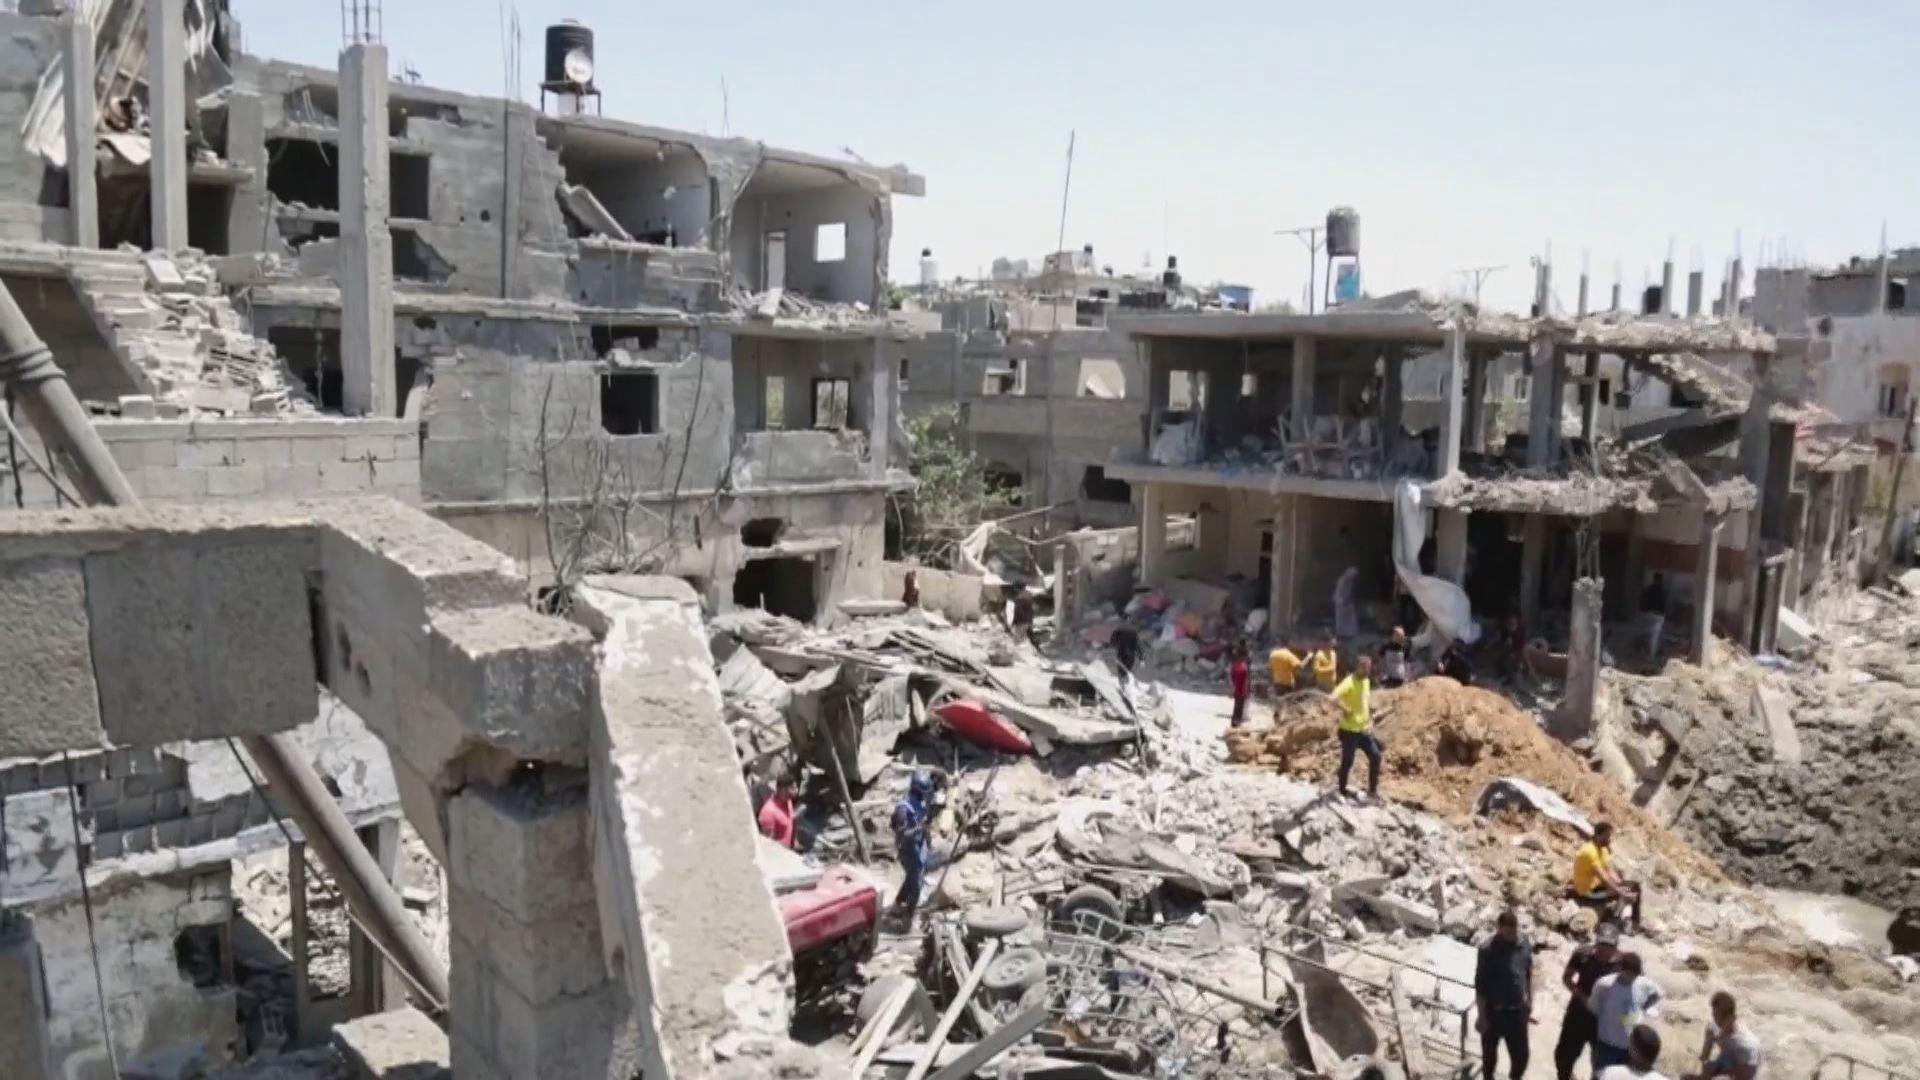 以巴衝突逾二百人死亡 以總理:會全力攻擊哈馬斯